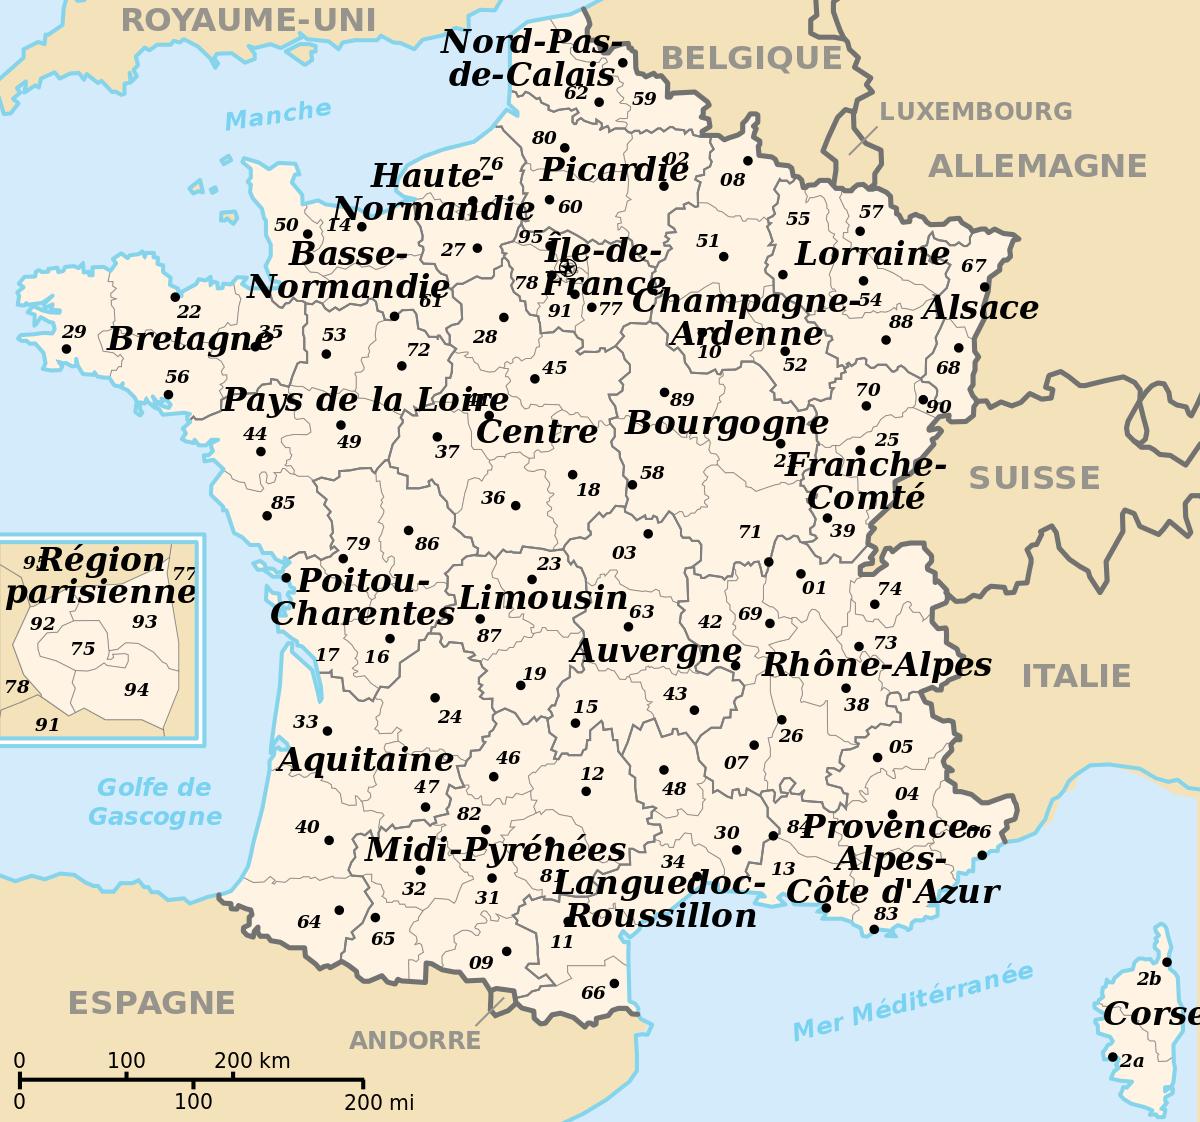 File:départements Et Régions De France.svg - Wikimedia Commons pour Départements Et Régions De France